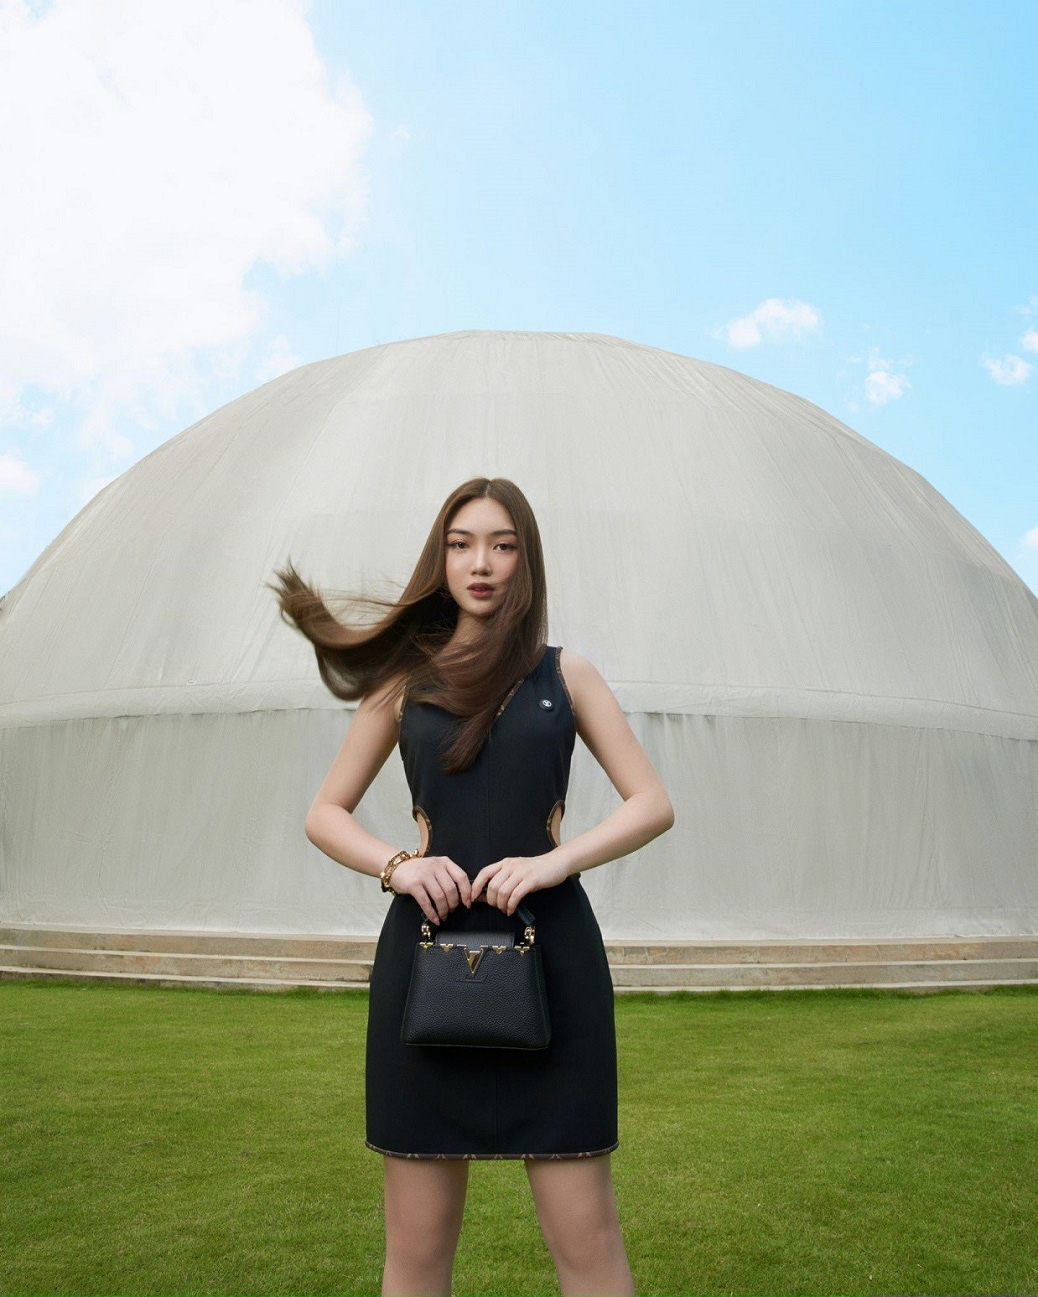 Chloe Nguyễn xem show Louis Vuitton tại nhà theo cách độc nhất vô nhị khiến ai cũng phải thốt lên: Đỉnh quá chị ơi! - Ảnh 6.